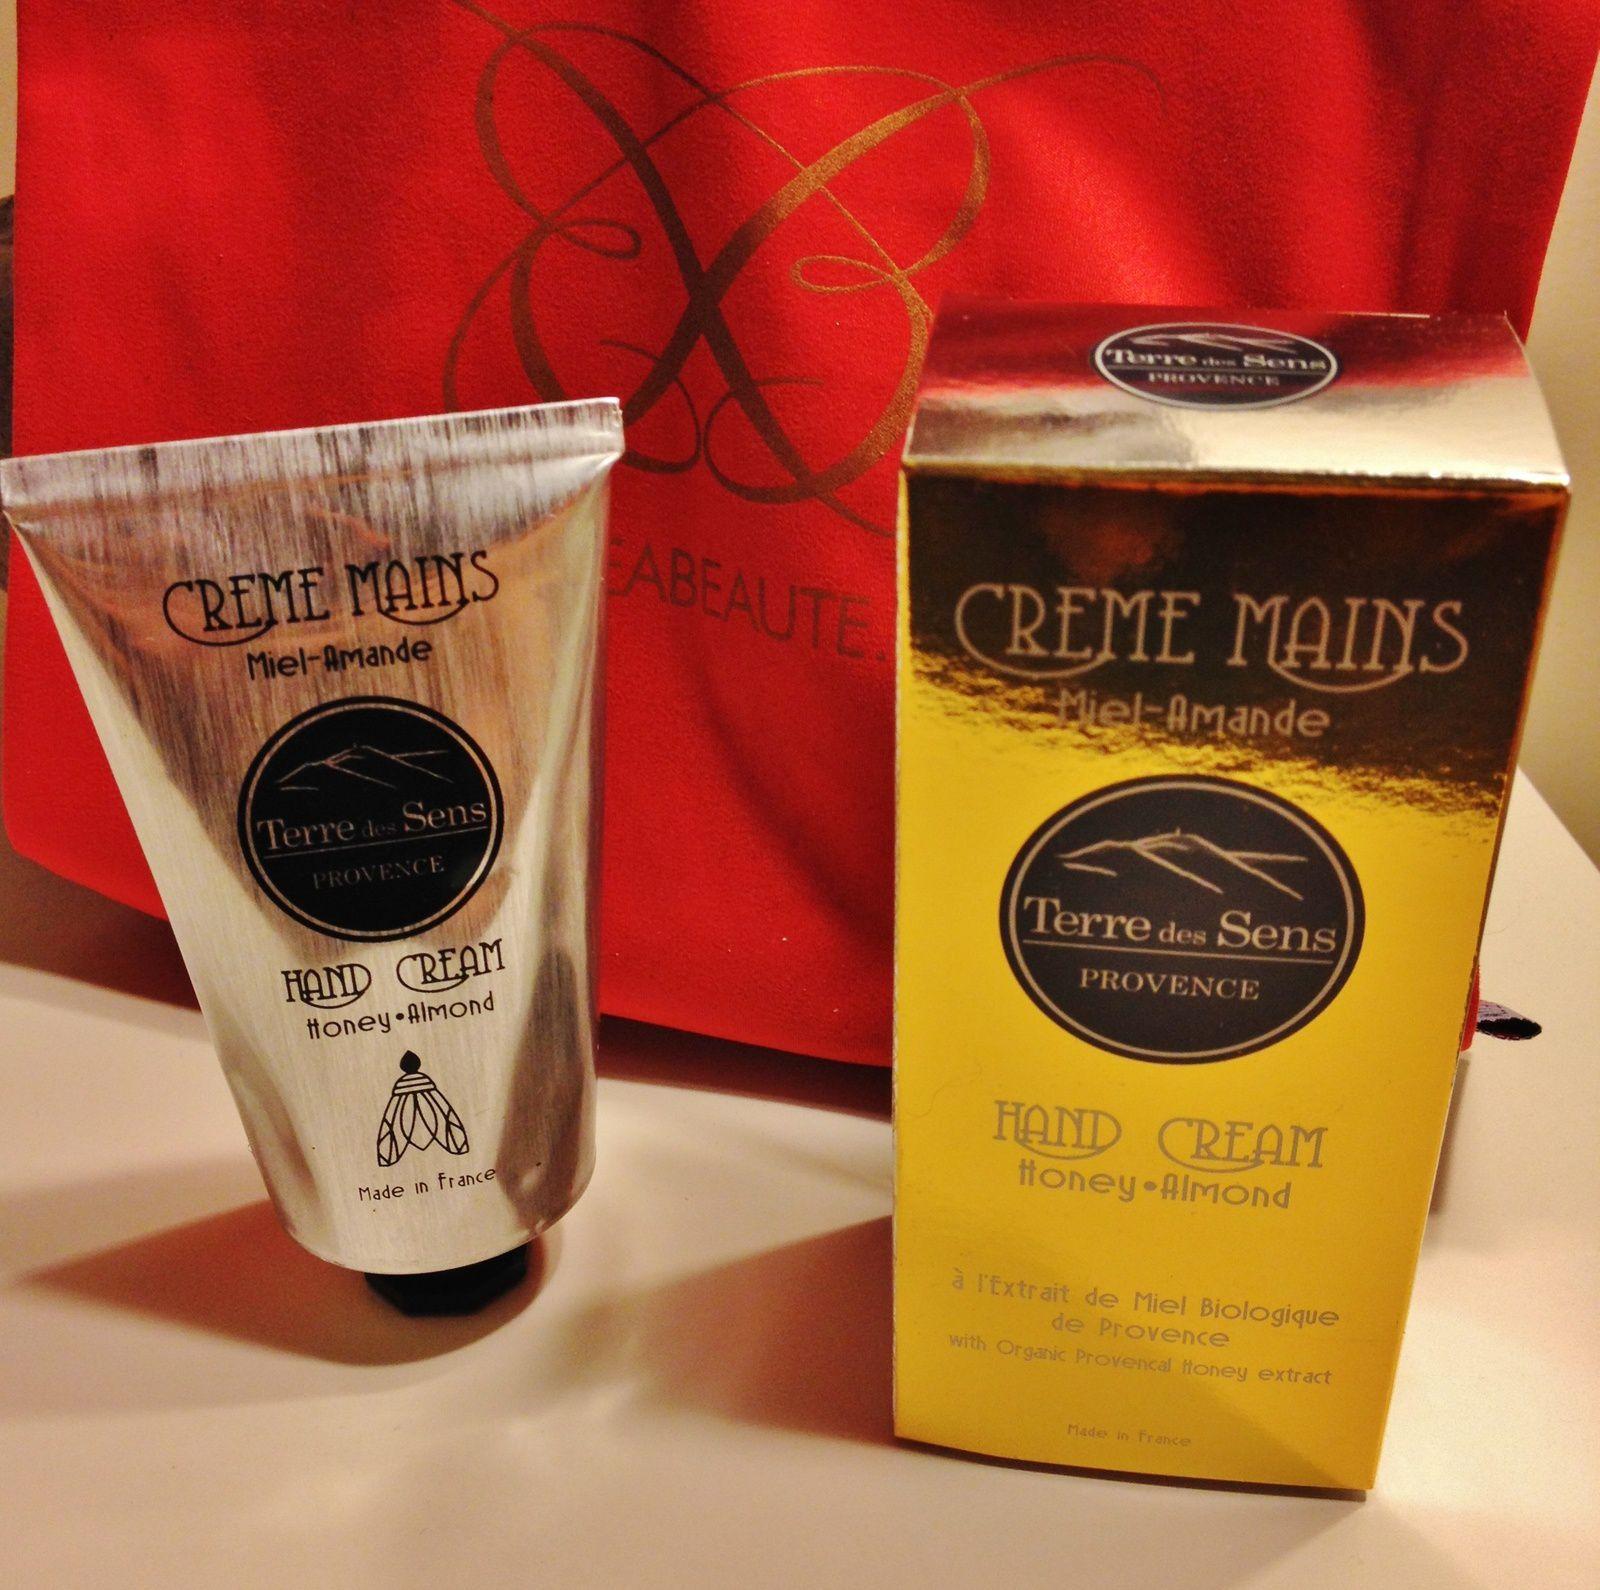 Une crème pour les mains Miel/amande de Terre des sens.Bon oui, encore une crème pour les mains. Mais j'adore le packaging, l'odeur est très agréable et laisse une sensation de douceur sur la peau. L'essayer c'est l'adopter.